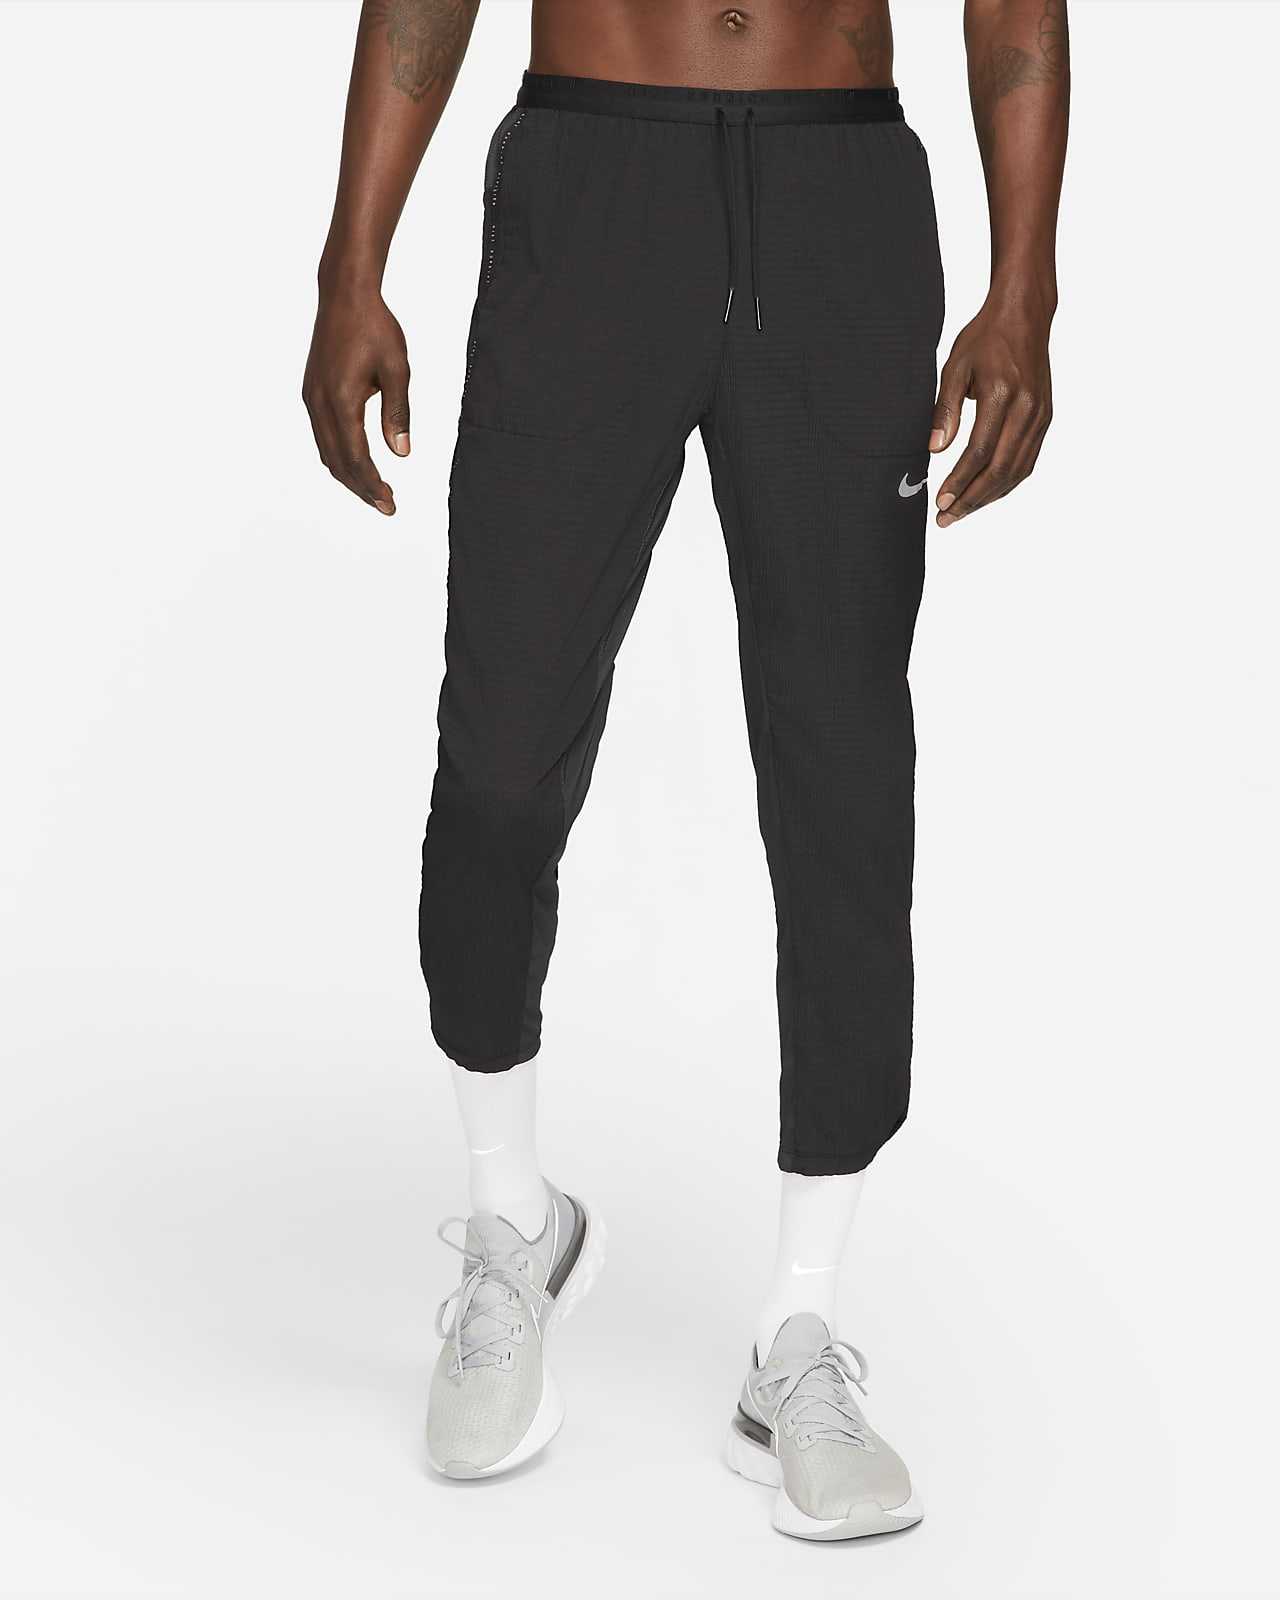 กางเกงวิ่งขายาวผู้ชาย Nike Phenom Elite Run Division